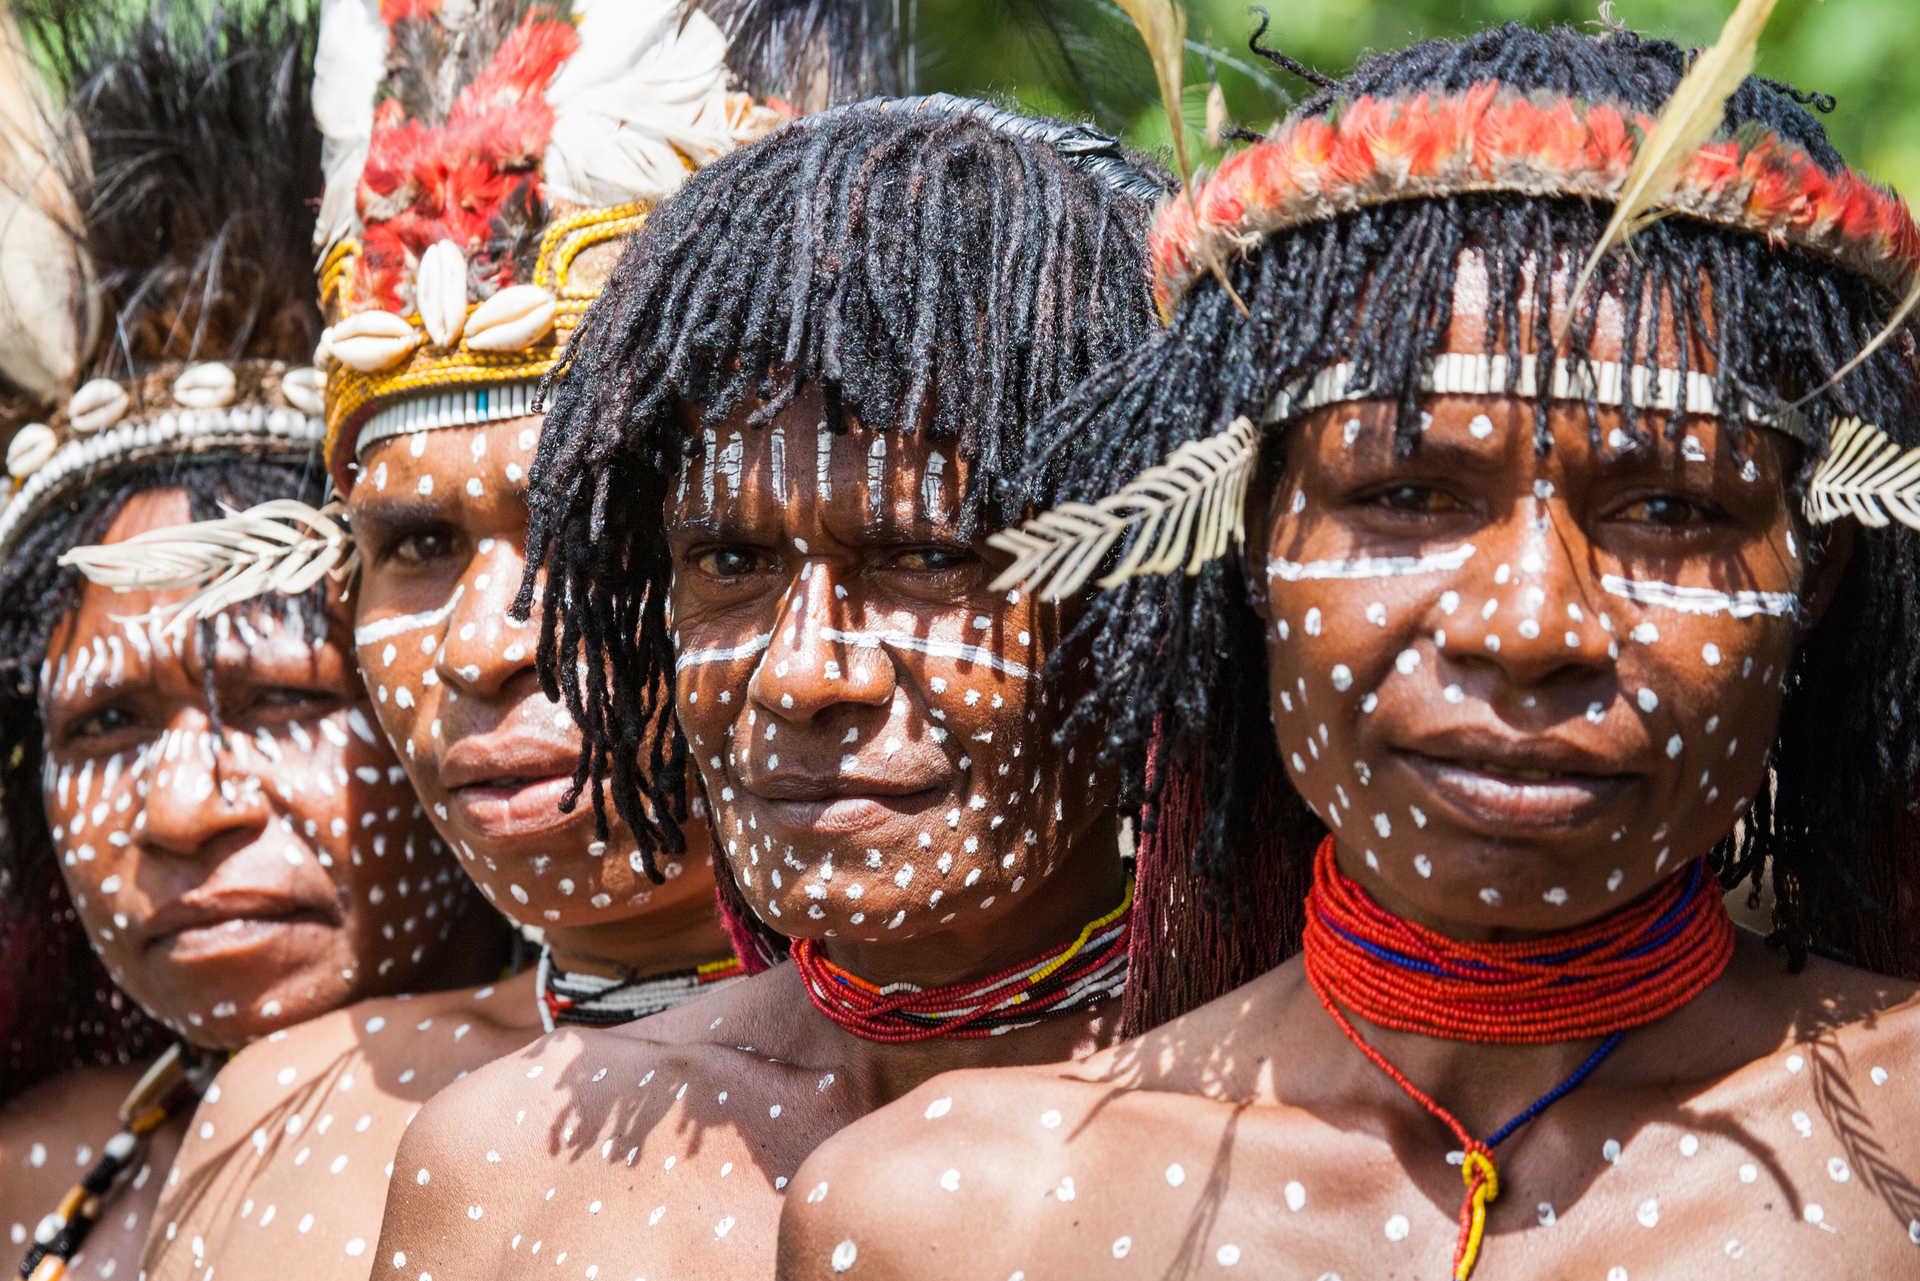 Rituel de peinture sur le corps de la tribu Dani, Wamena, Vallée Baliem